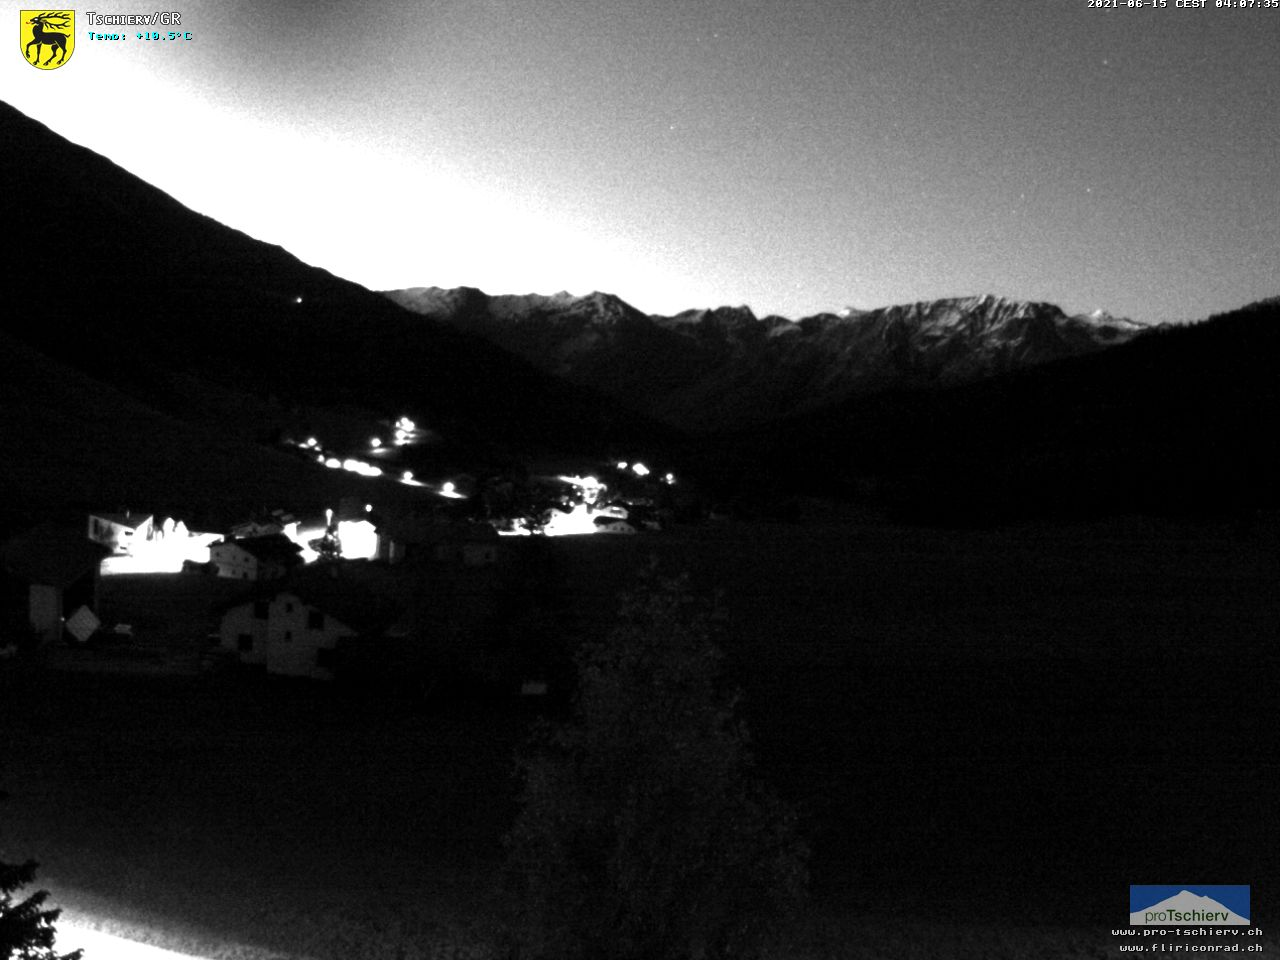 19h ago - 04:07